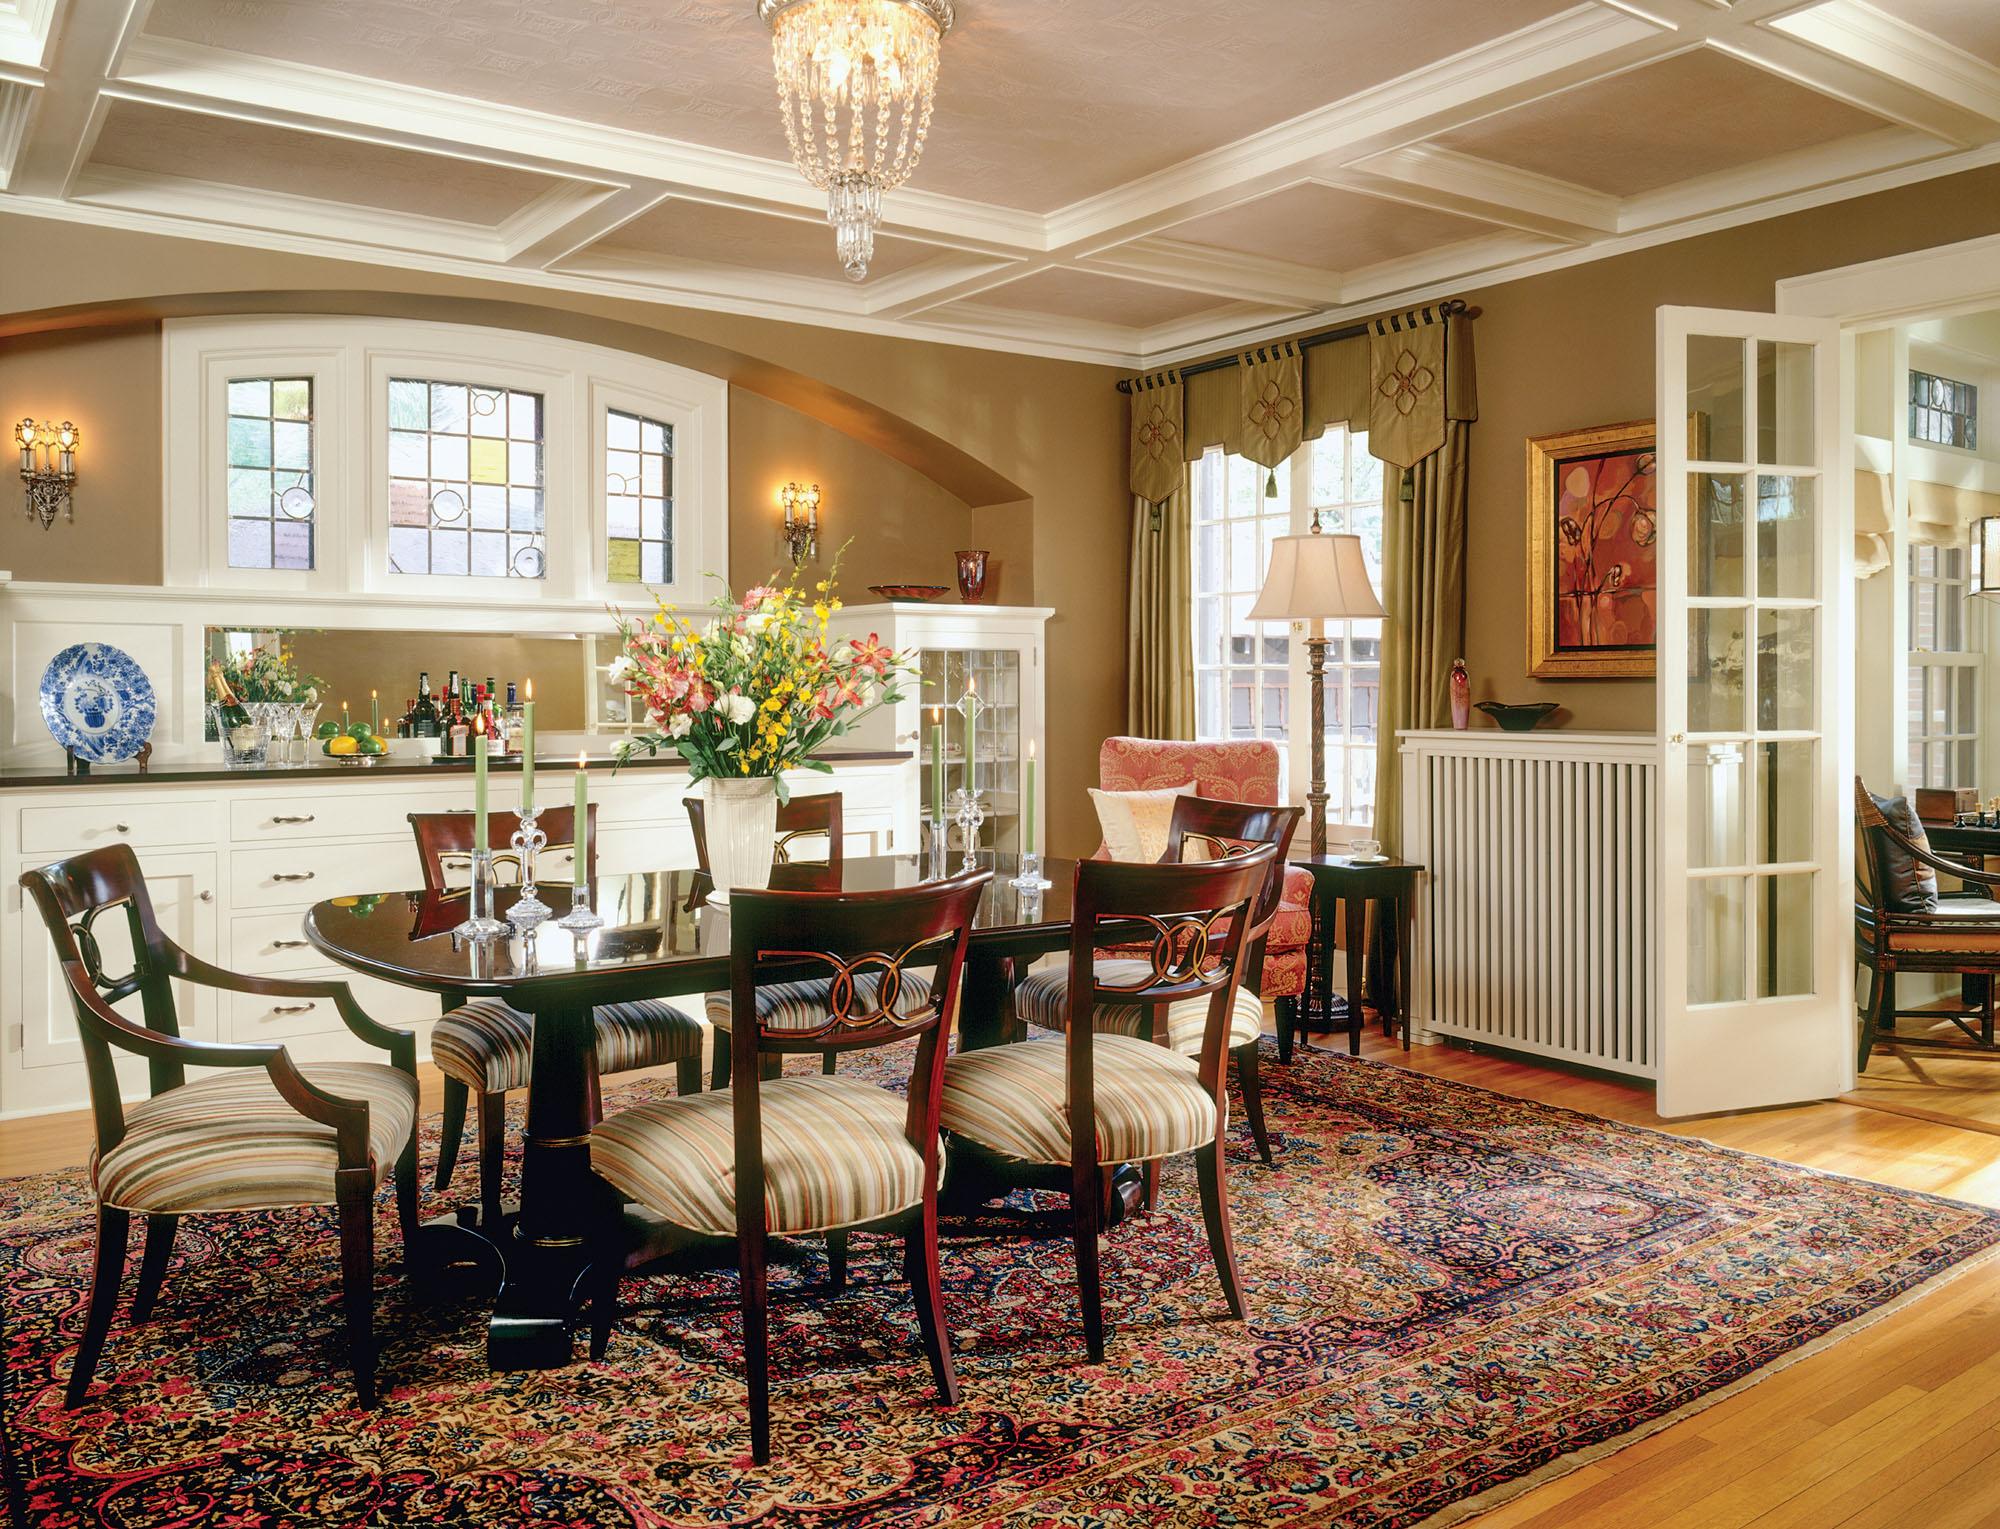 built-in buffet, Tudor Revival dining room